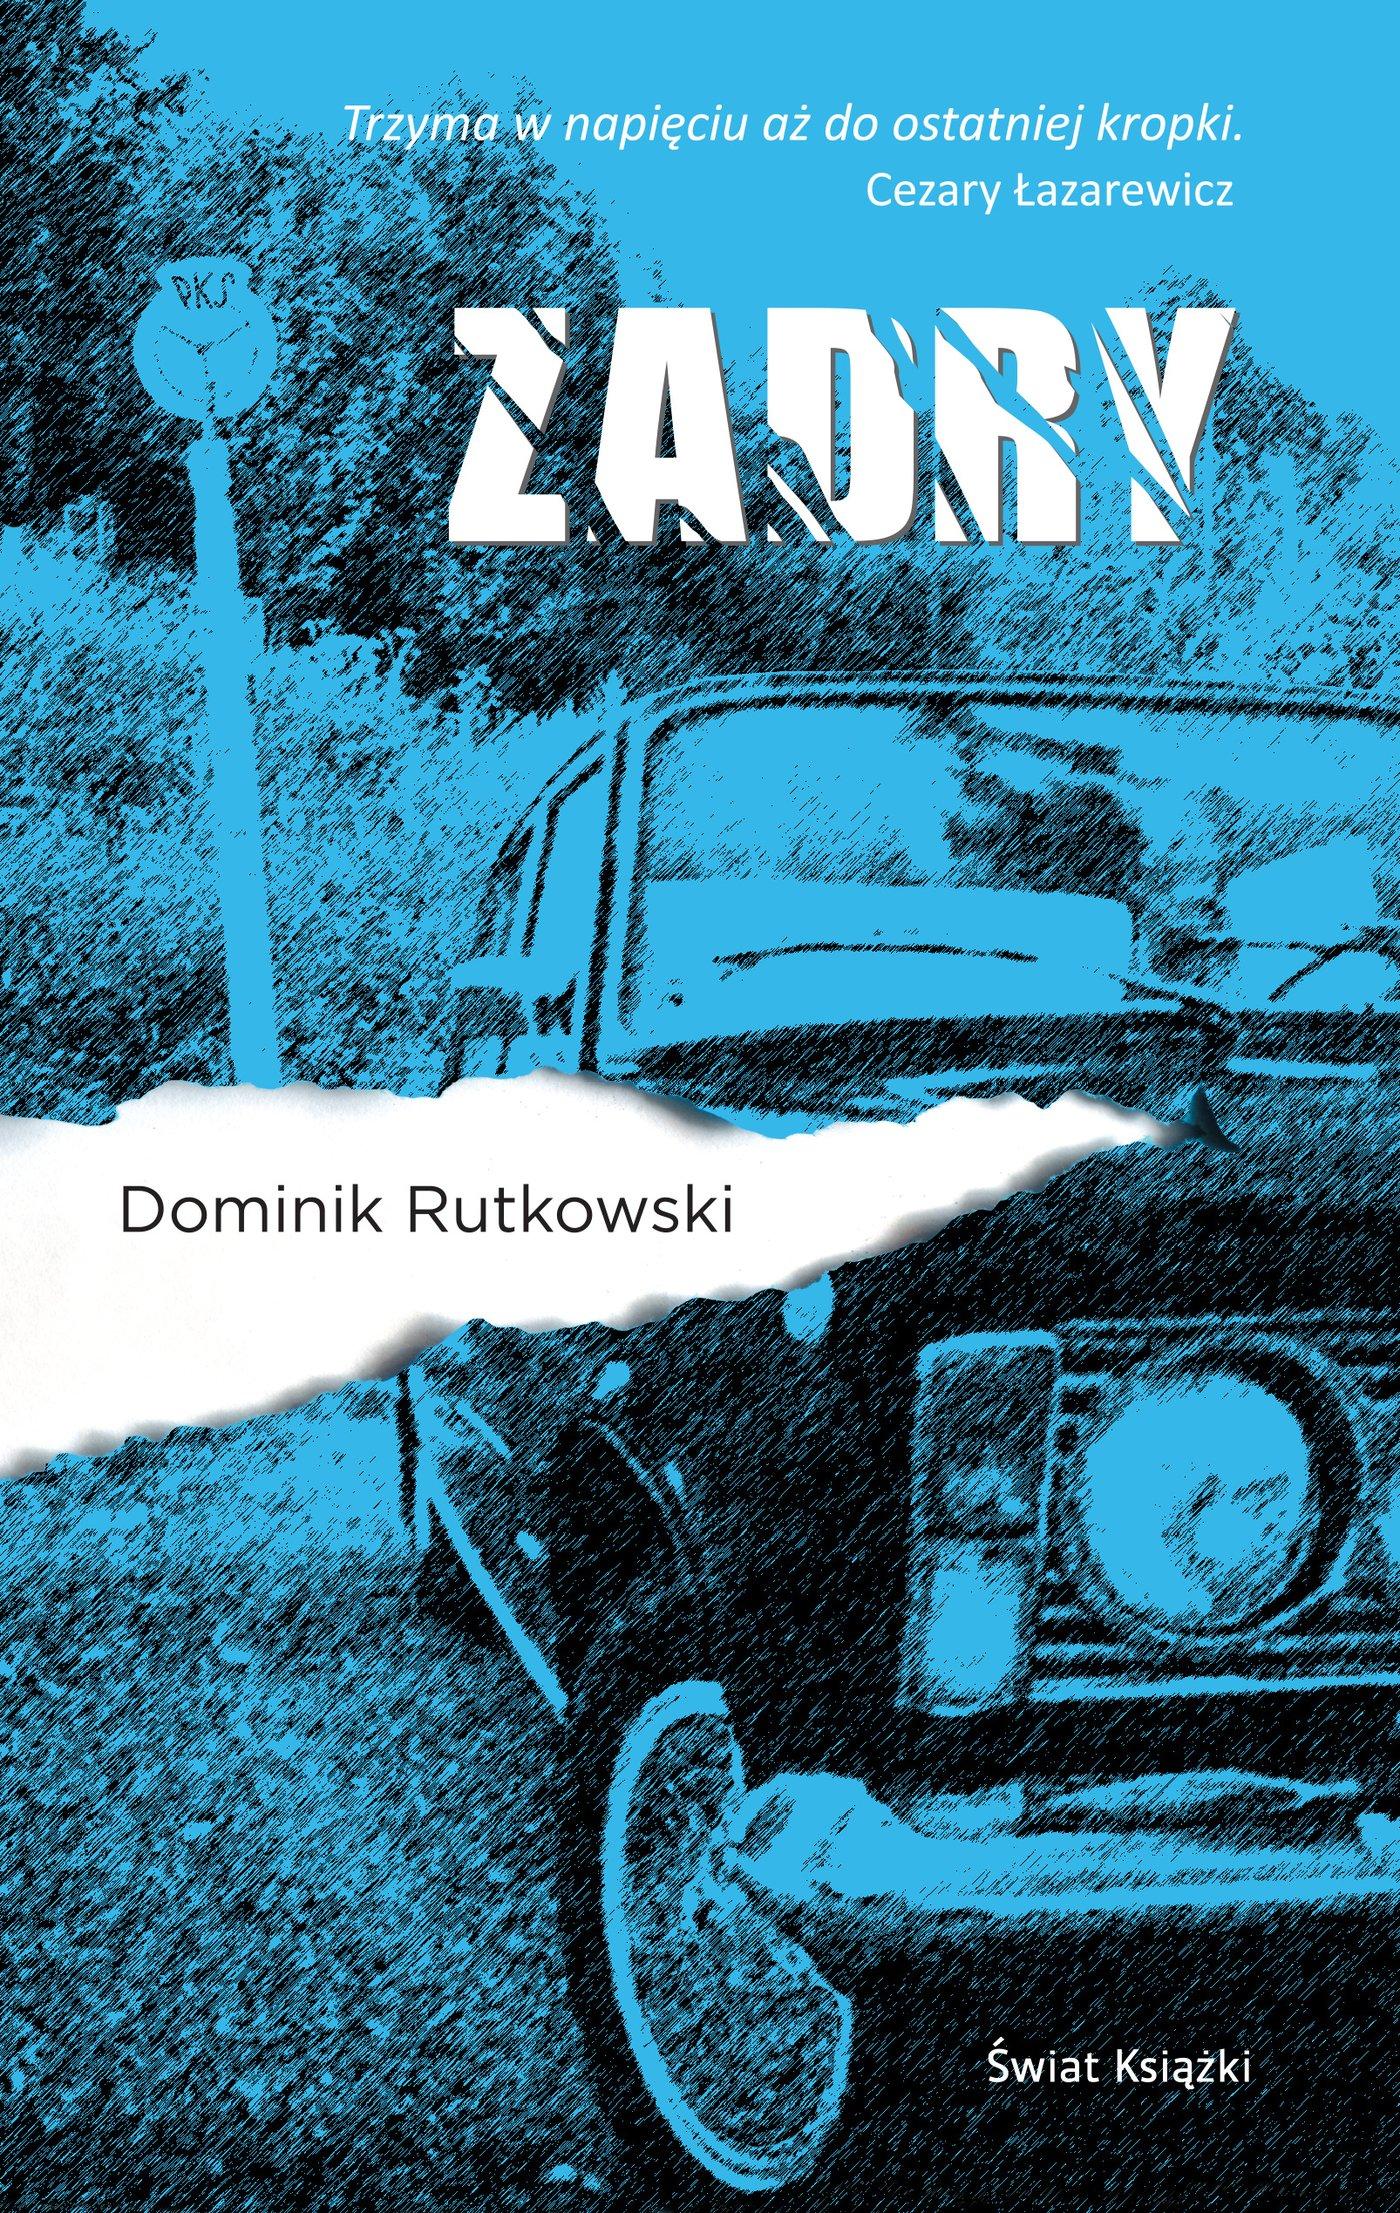 Zadry - Ebook (Książka EPUB) do pobrania w formacie EPUB